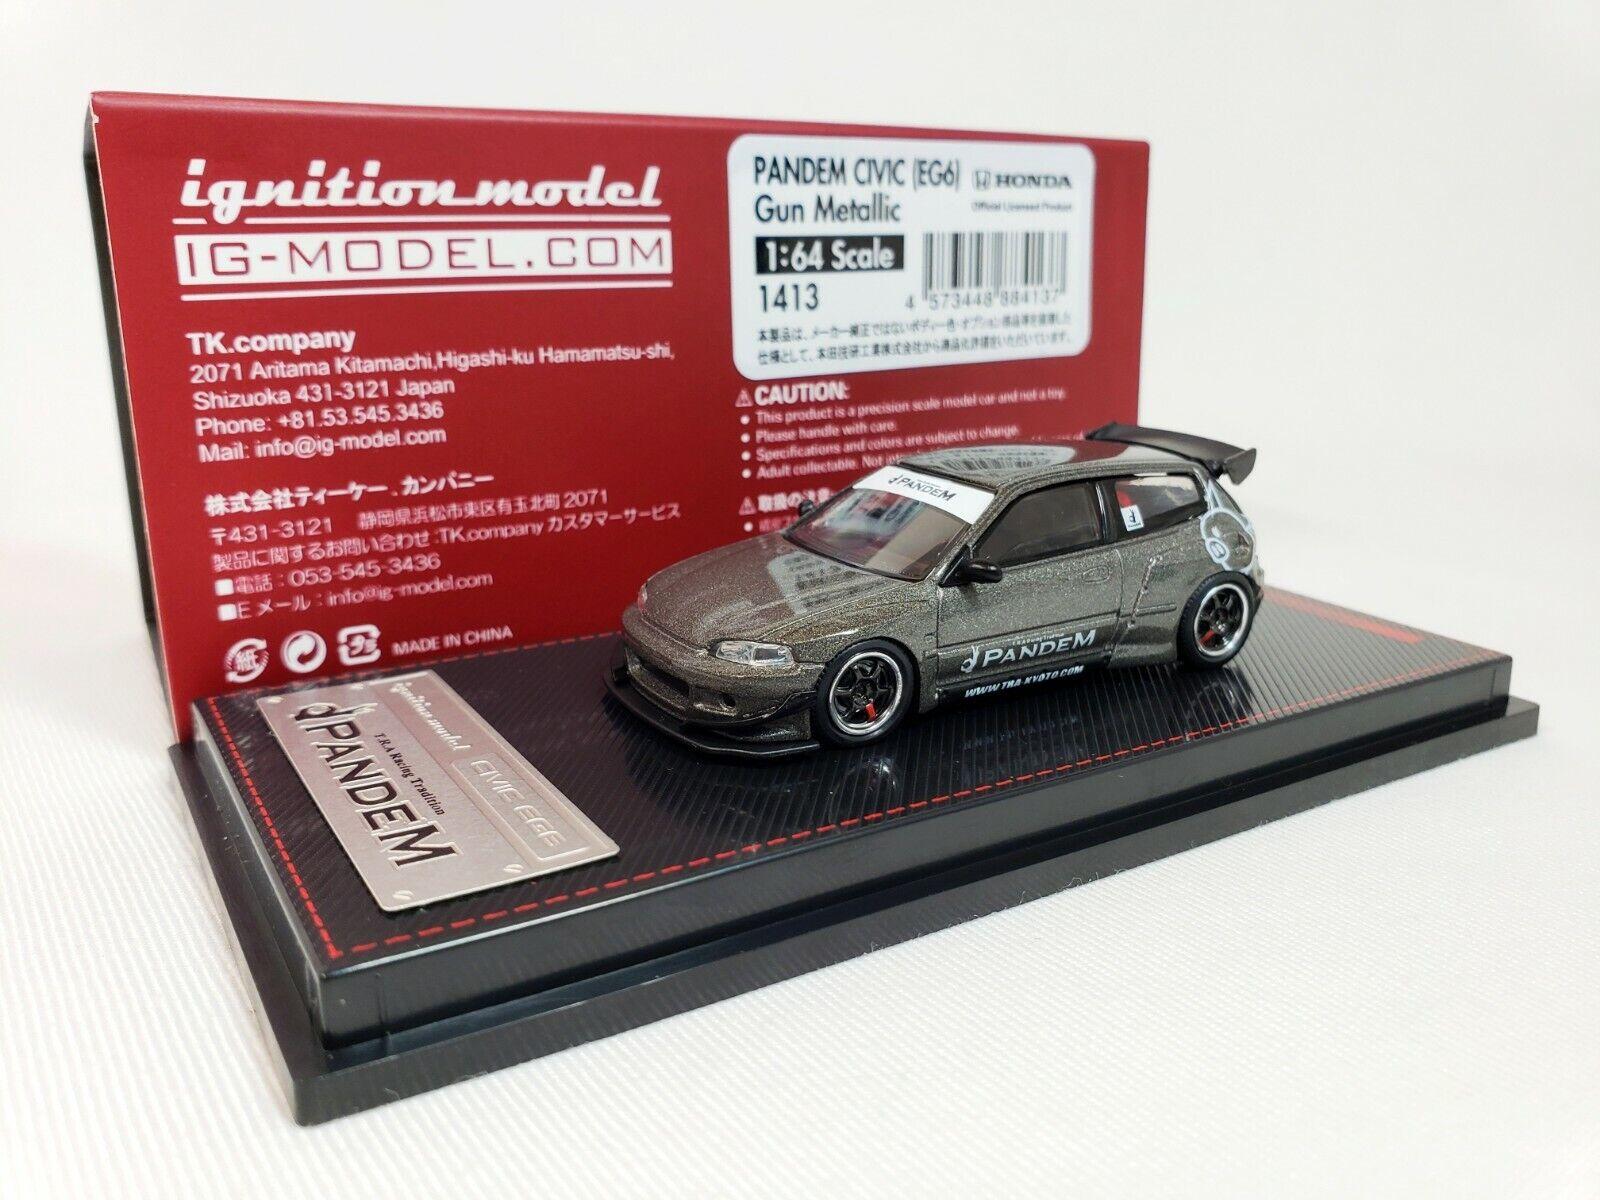 1 64 Ignición Honda Civic EG6 pandem pistola gris Metálico JDM edición limitada de IG1413. Nueva